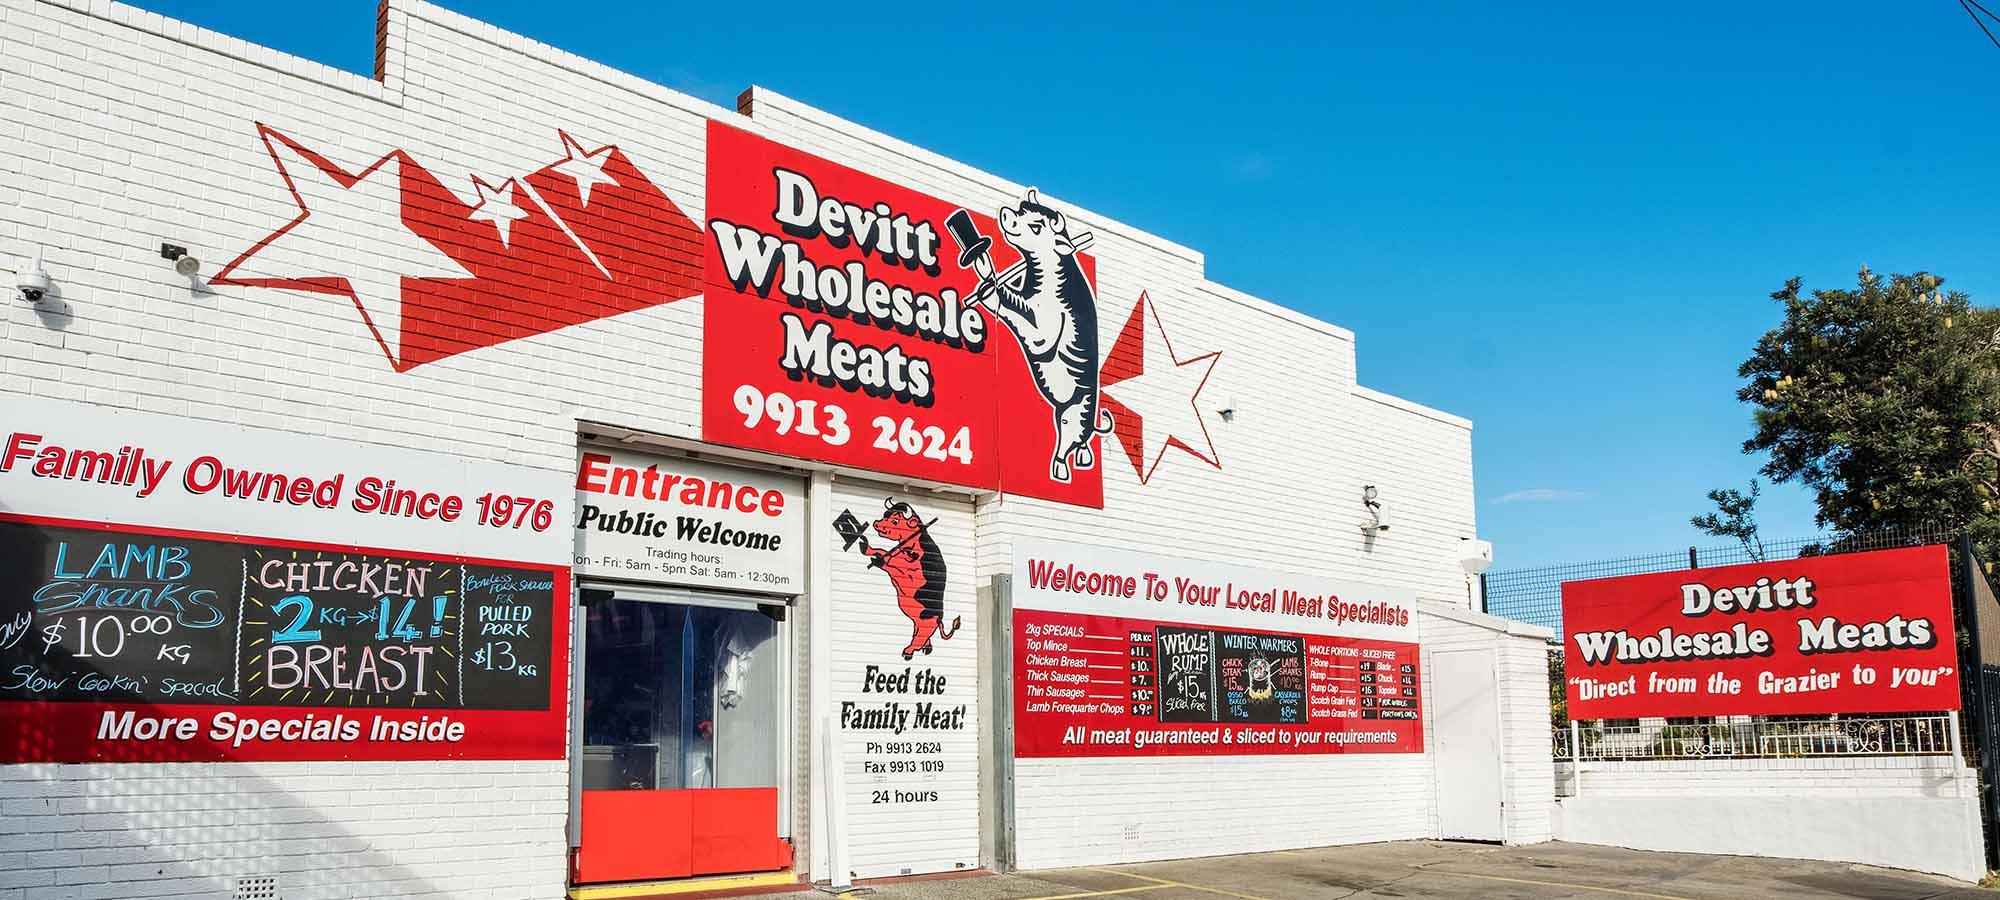 PRODUCTS - Devitt Wholesale Meats